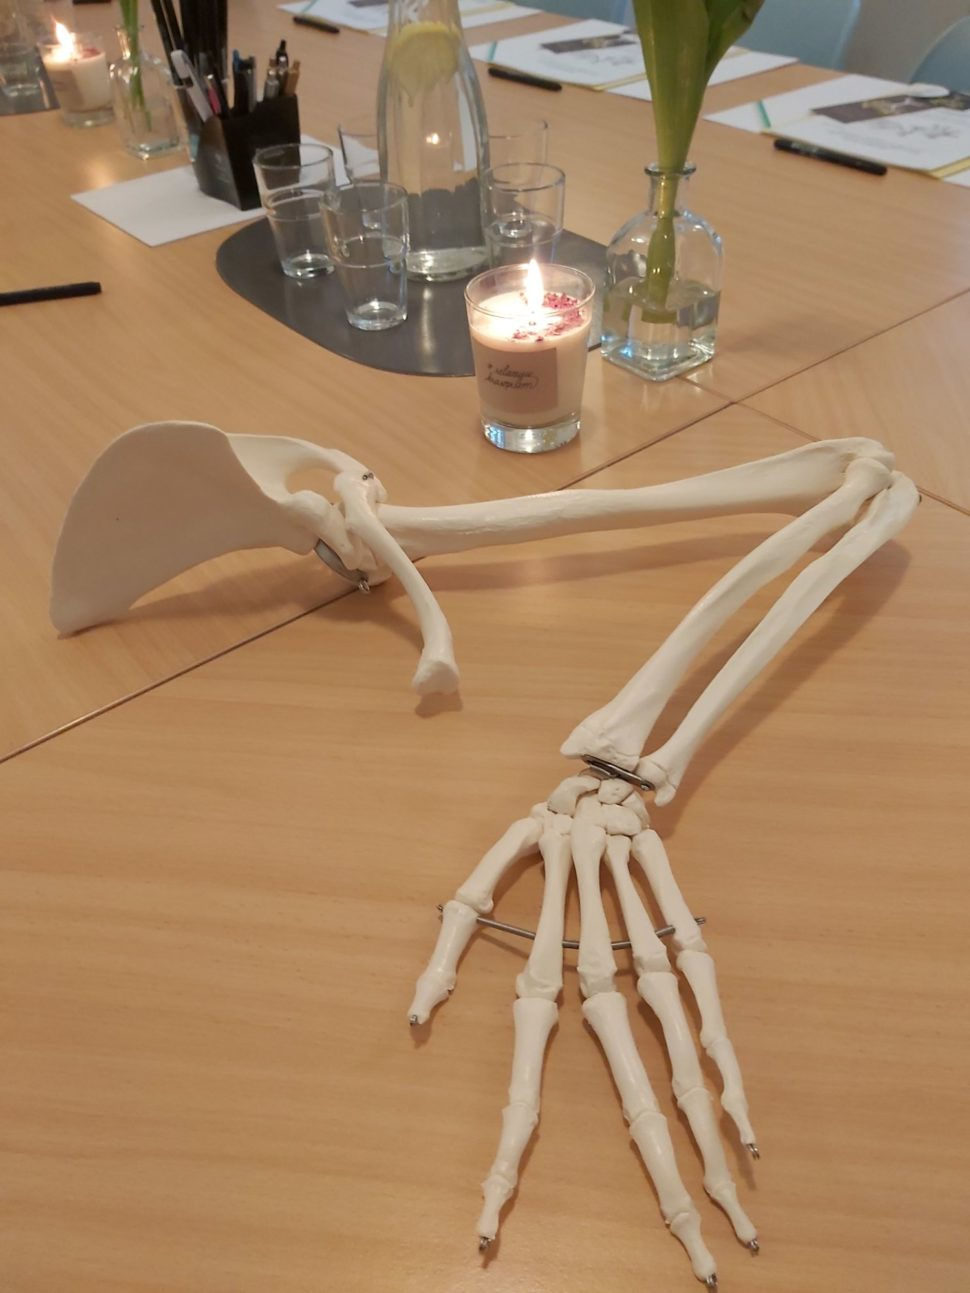 Kostra ruky je součástí workshopu Krasopis azdravé ruce